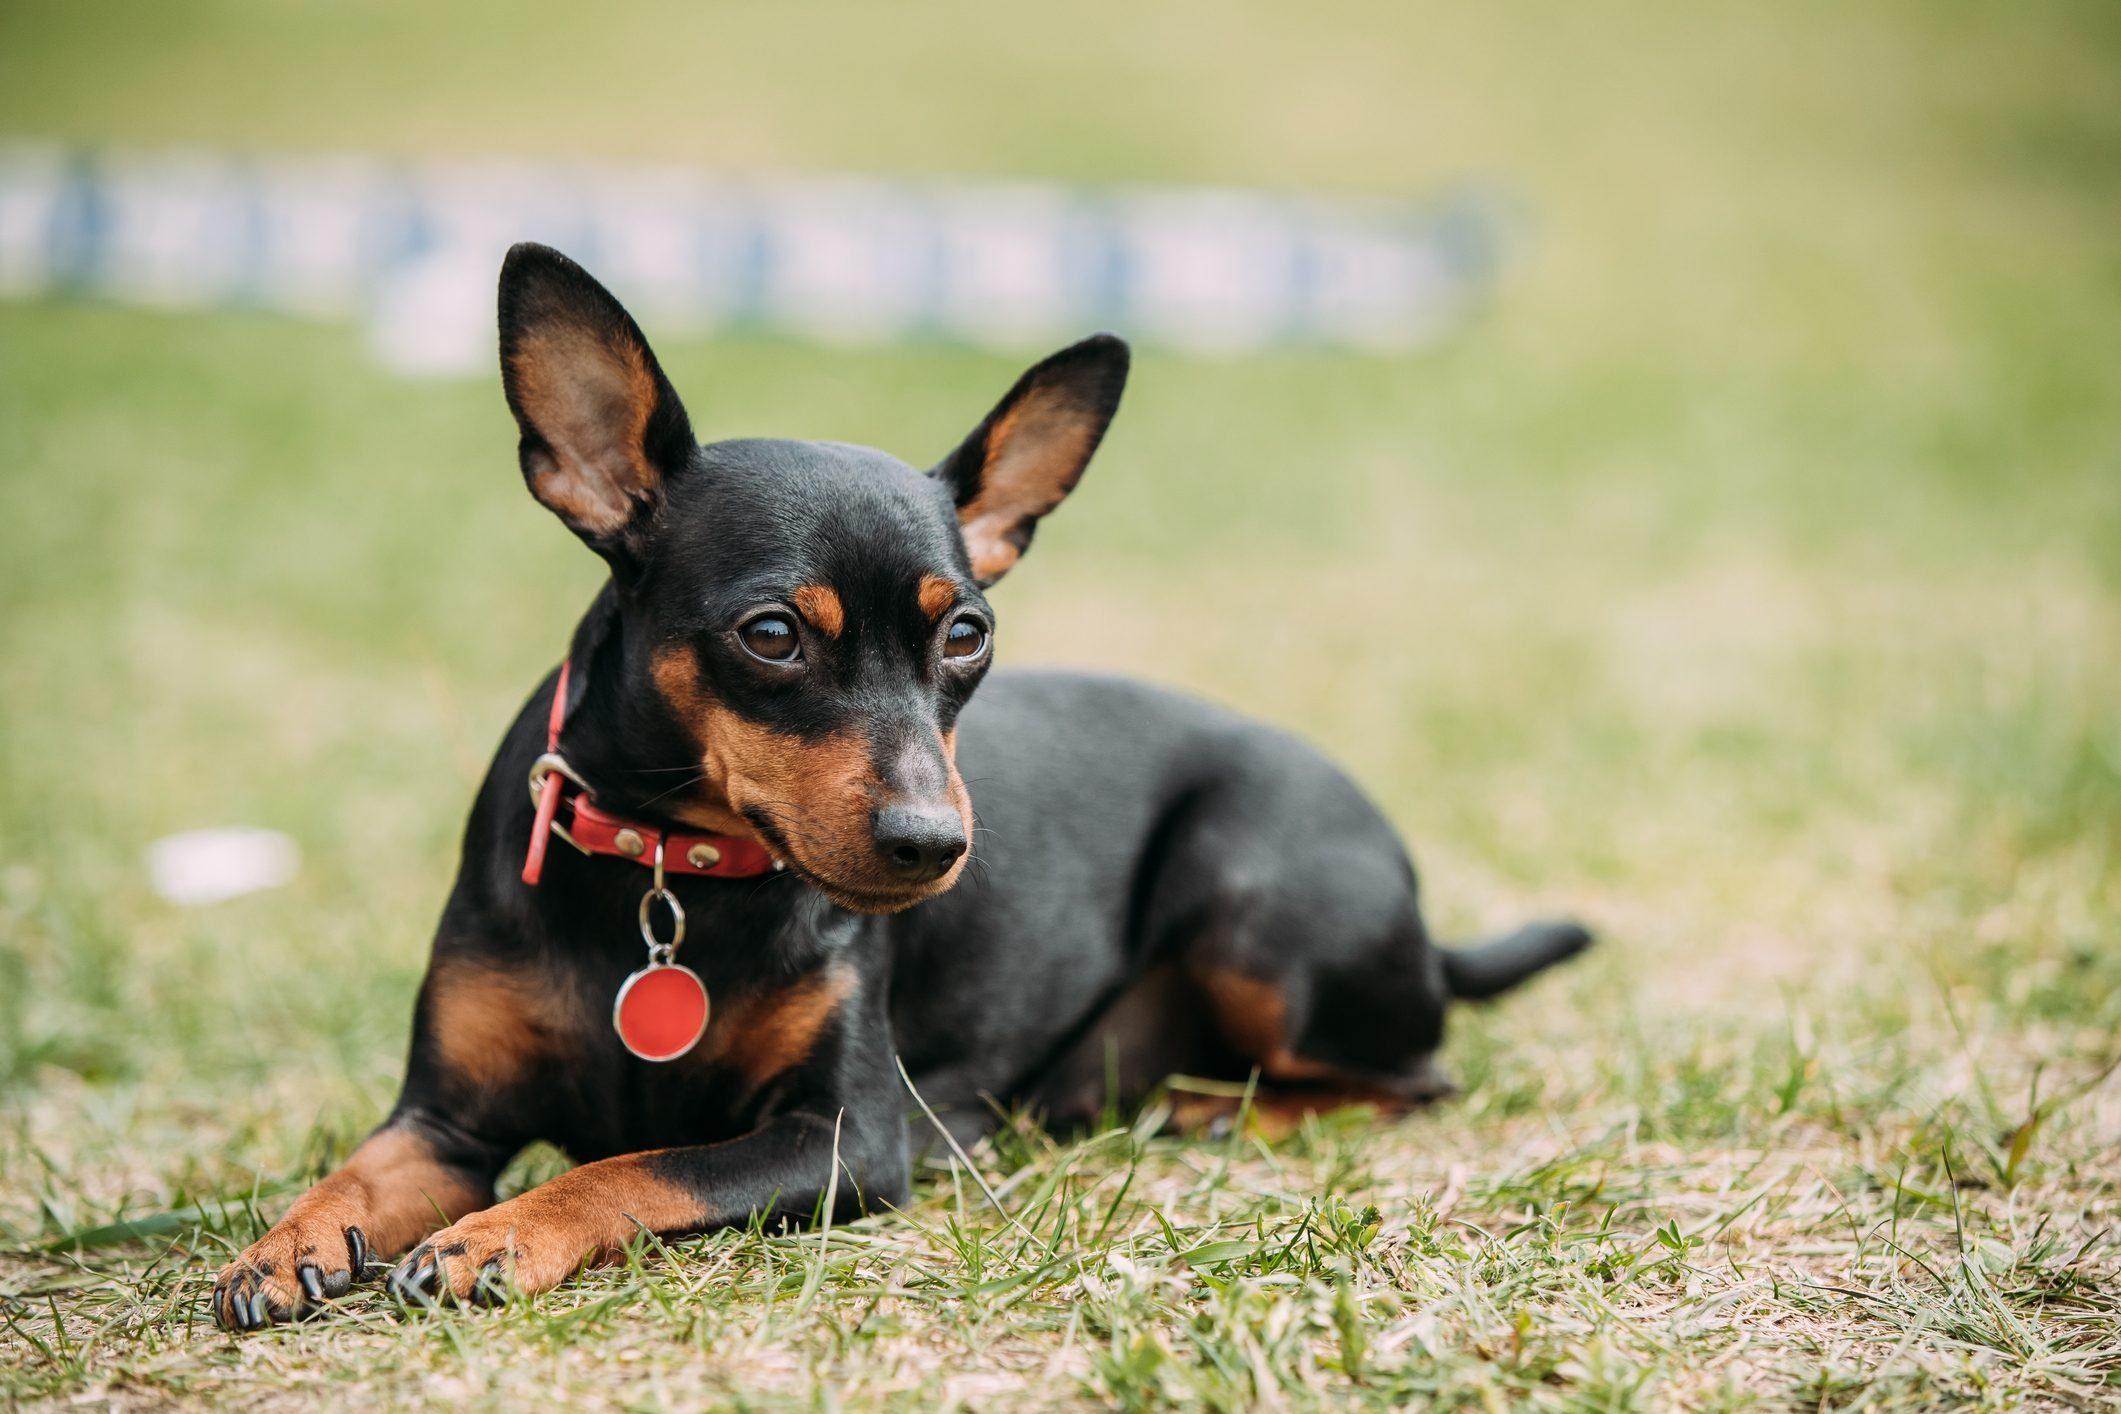 Black Miniature Pinscher Zwergpinscher, Min Pin Sitting On Green Grass